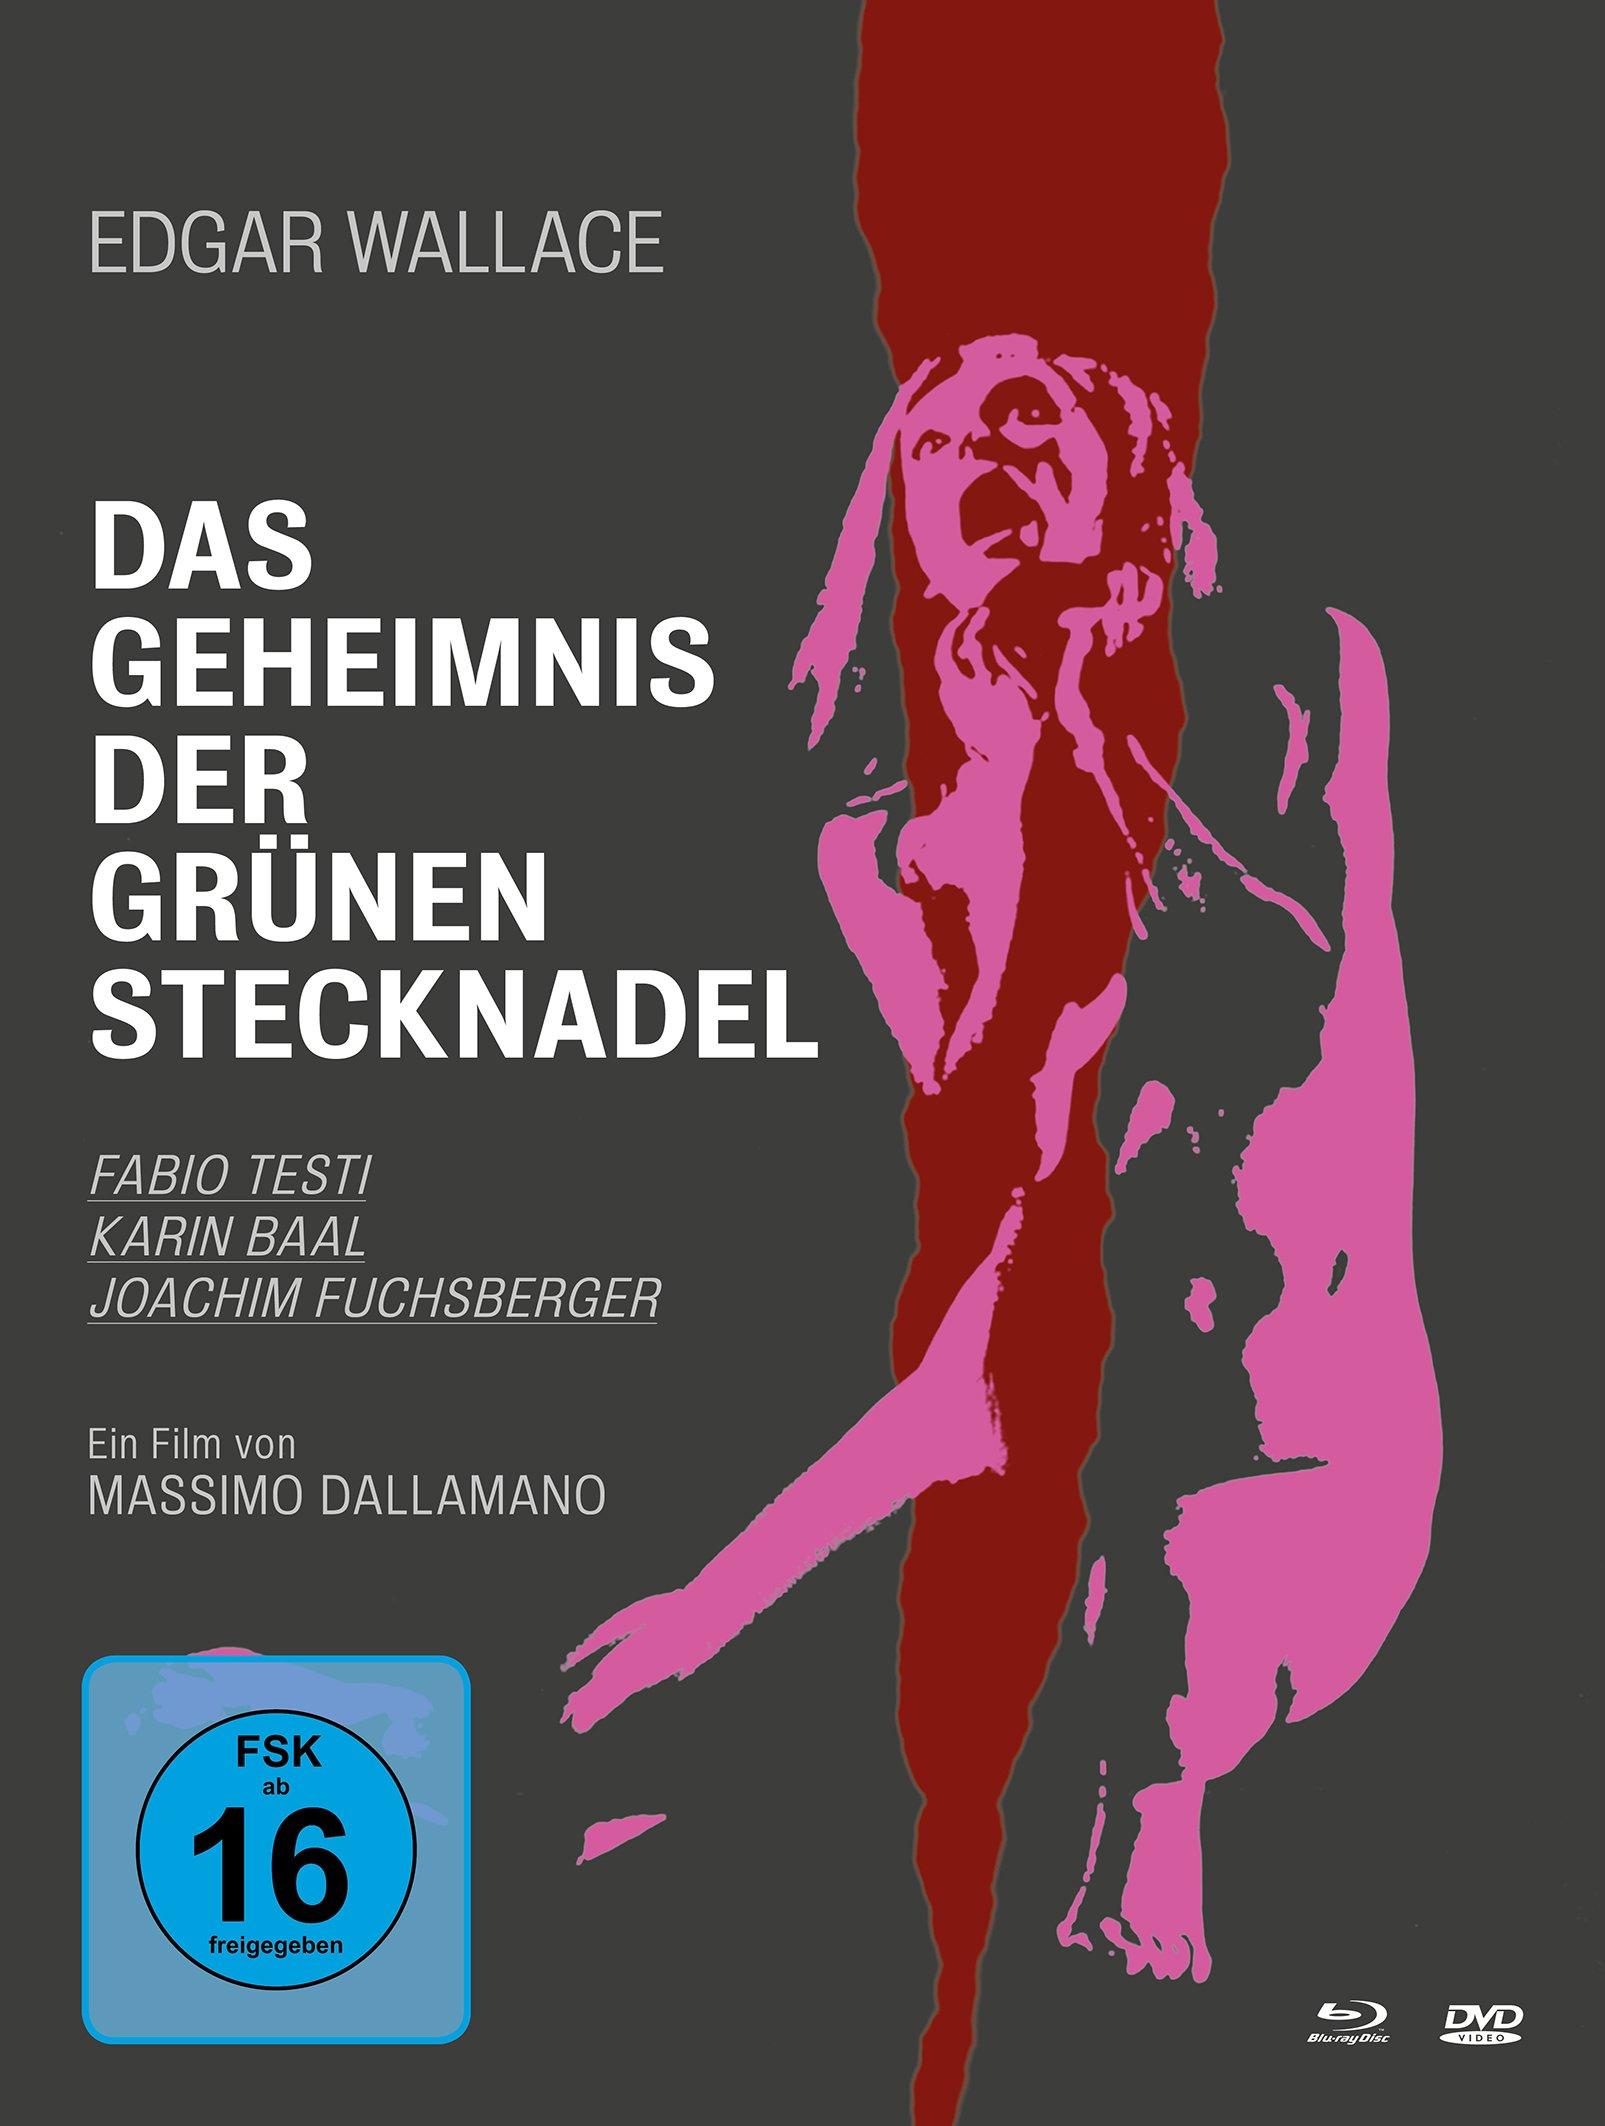 : Das Geheimnis der gruenen Stecknadel 1972 German Dl 1080p BluRay x264-SpiCy